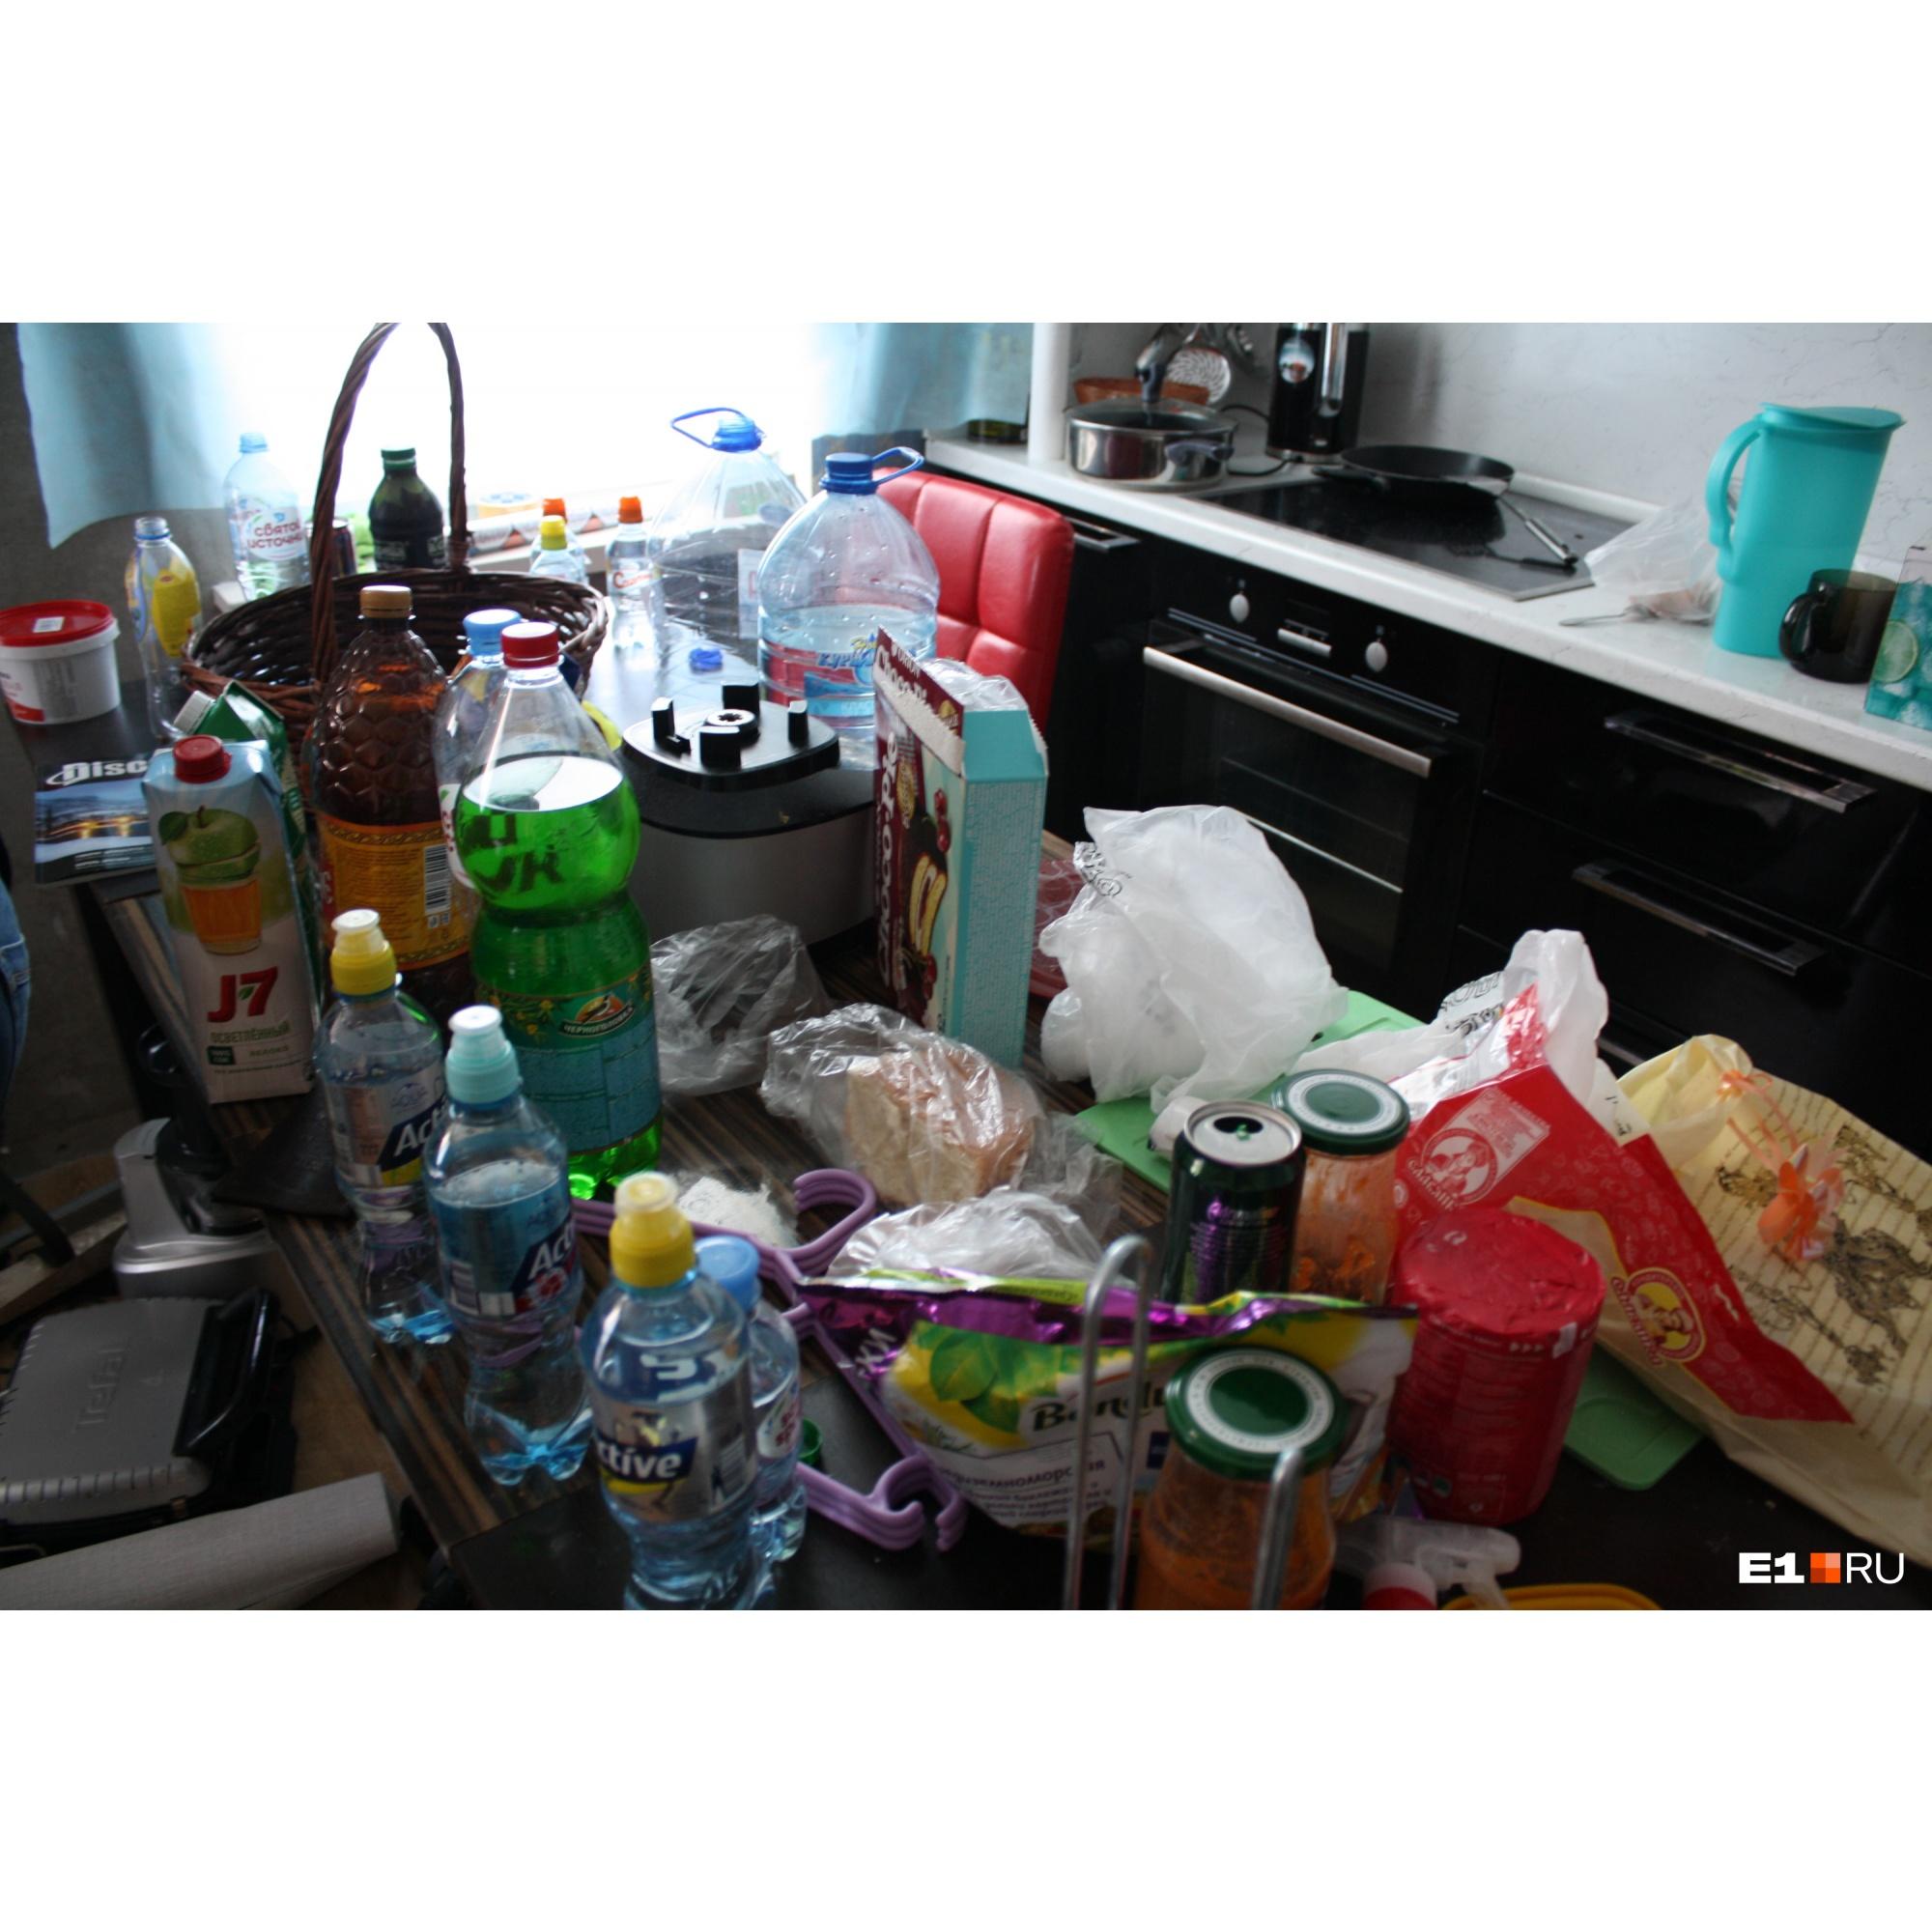 Кухня Таушанкова: куча бутылок, но ни одной из-под алкоголя